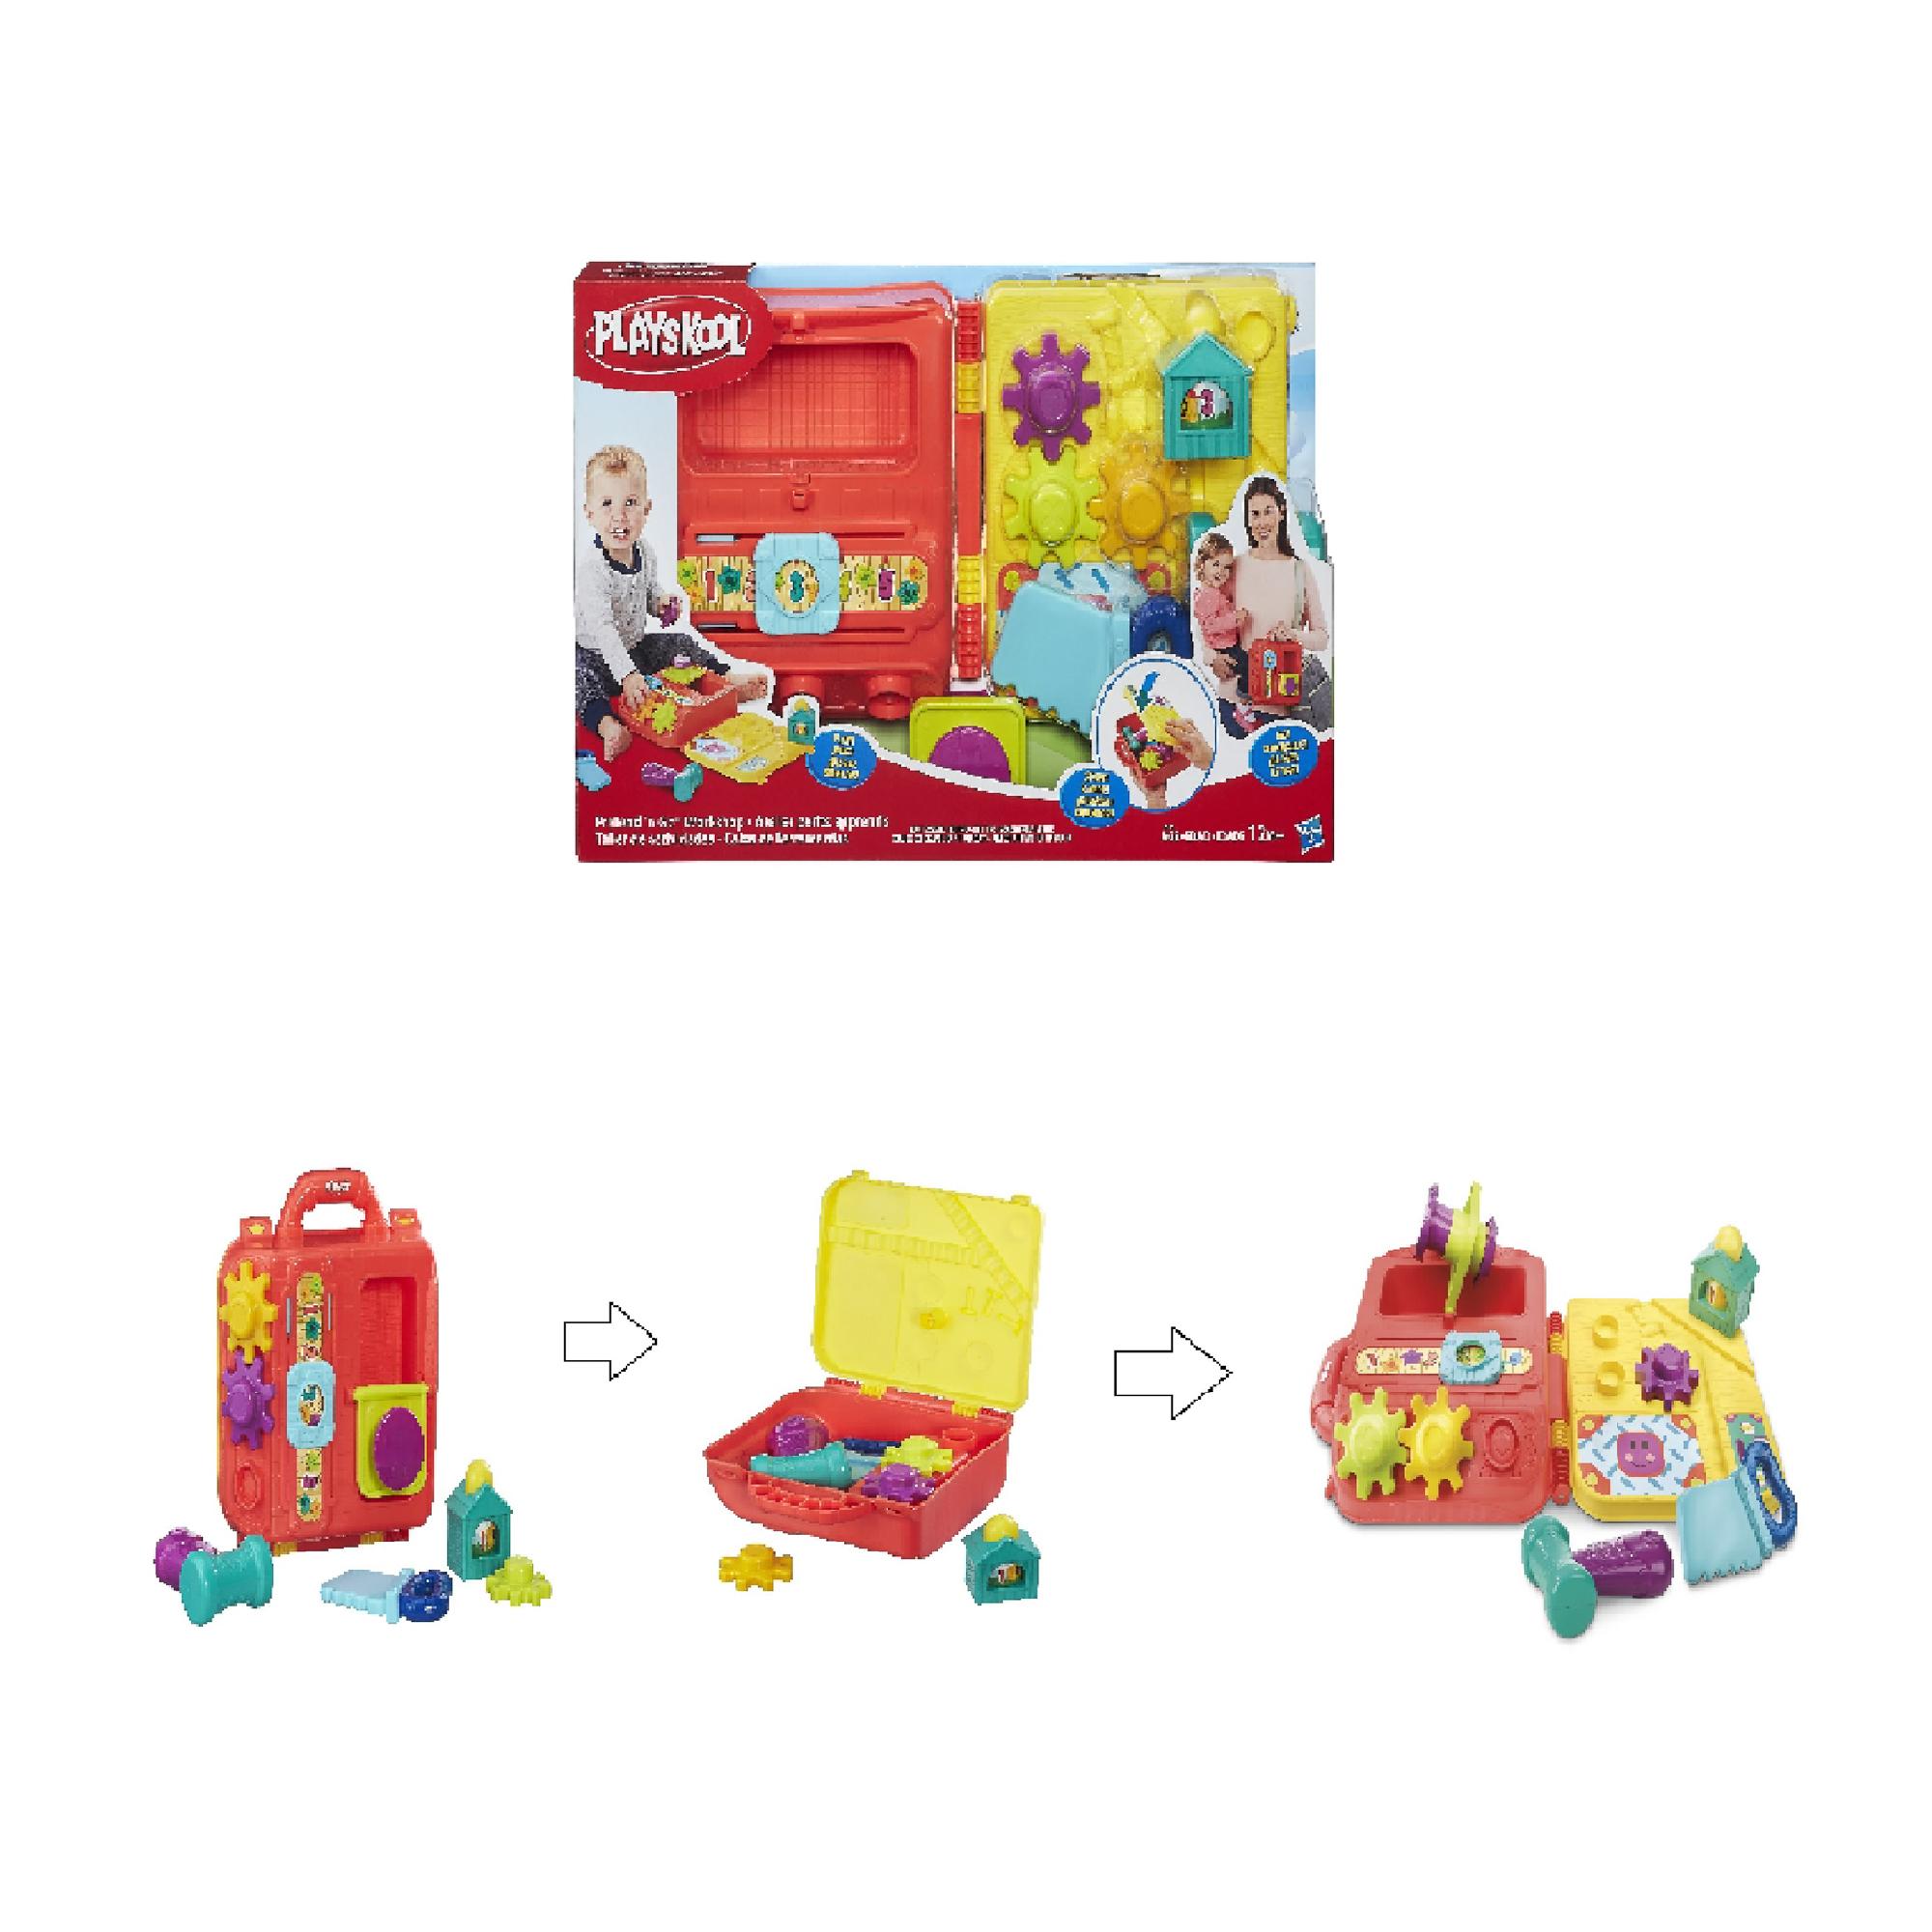 Купить Игрушка HASBRO PLAYSKOOL Моя первая мастерская возьми с собой, Китай, Игрушки для новорожденных